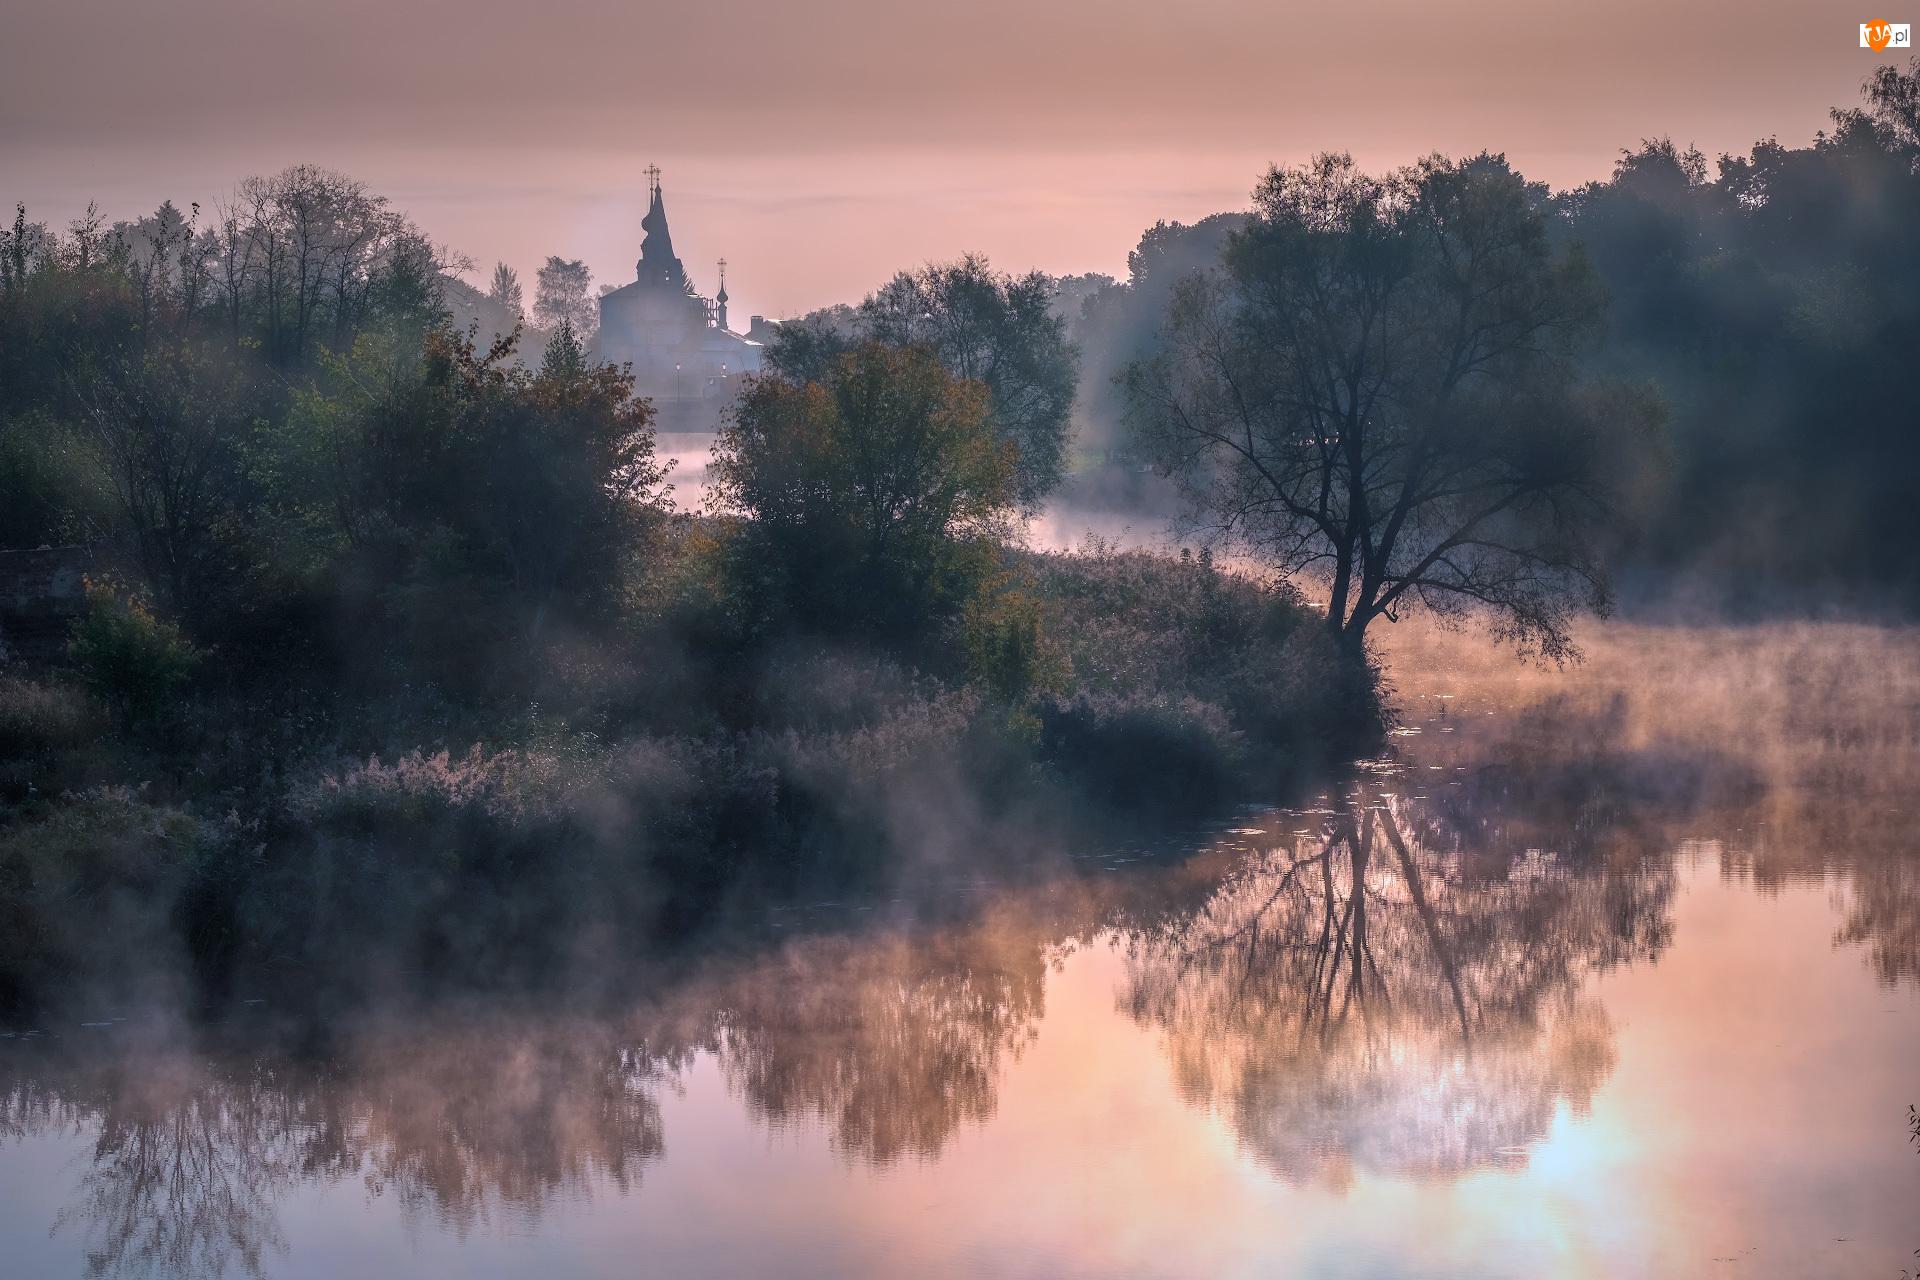 Drzewa, Mgła, Rosja, Rzeka Kamienka, Obwód włodzimierski, Suzdal, Cerkiew